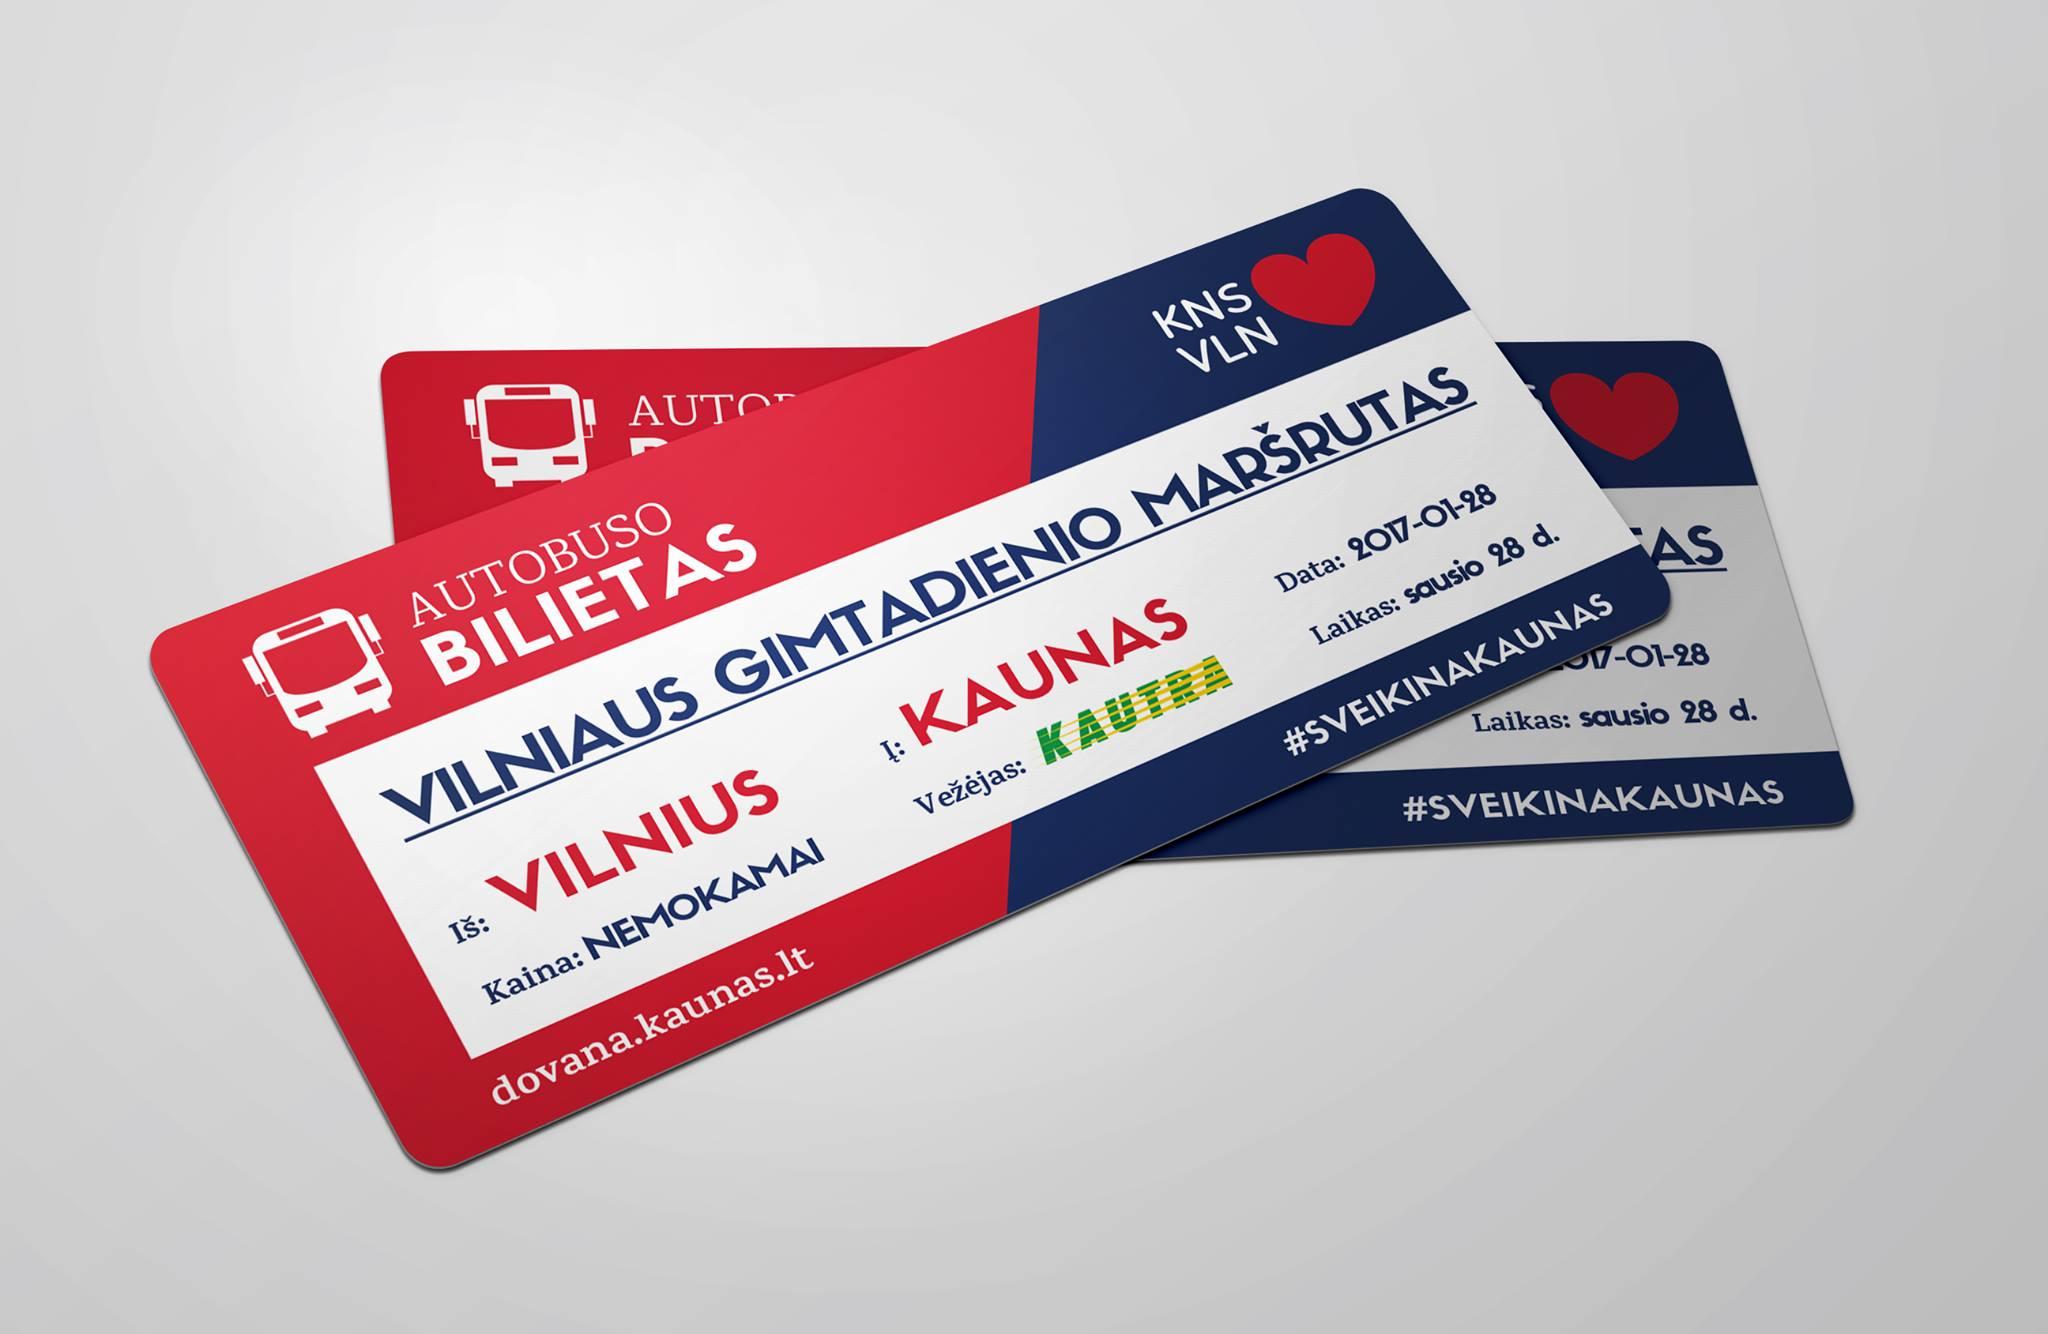 Kaunas_dovanoja bilietus vilnieciams_kaunas.lt